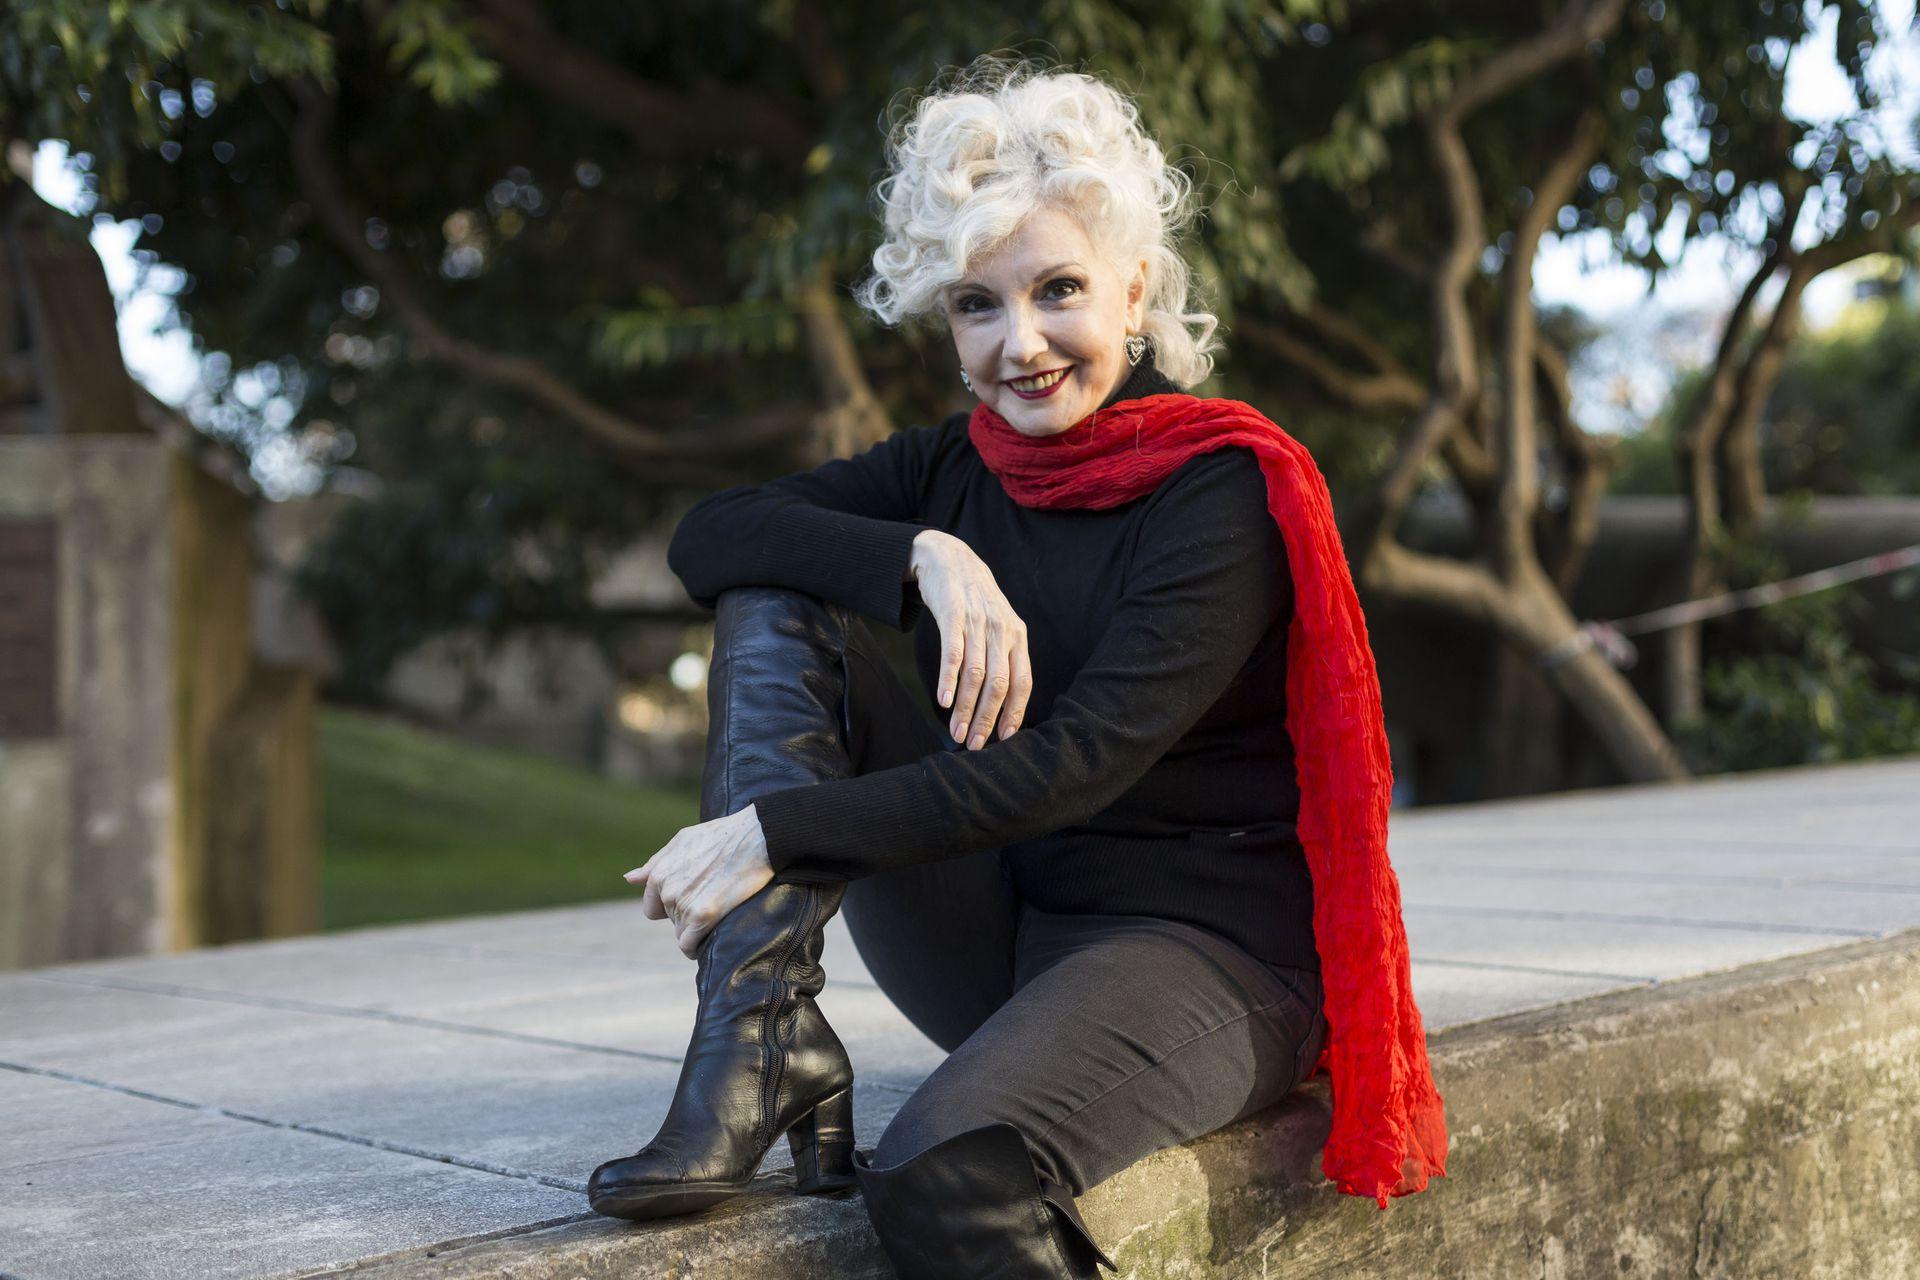 Espléndida, Ana María Cores disfruta de su trabajo y de su armonioso presente personal